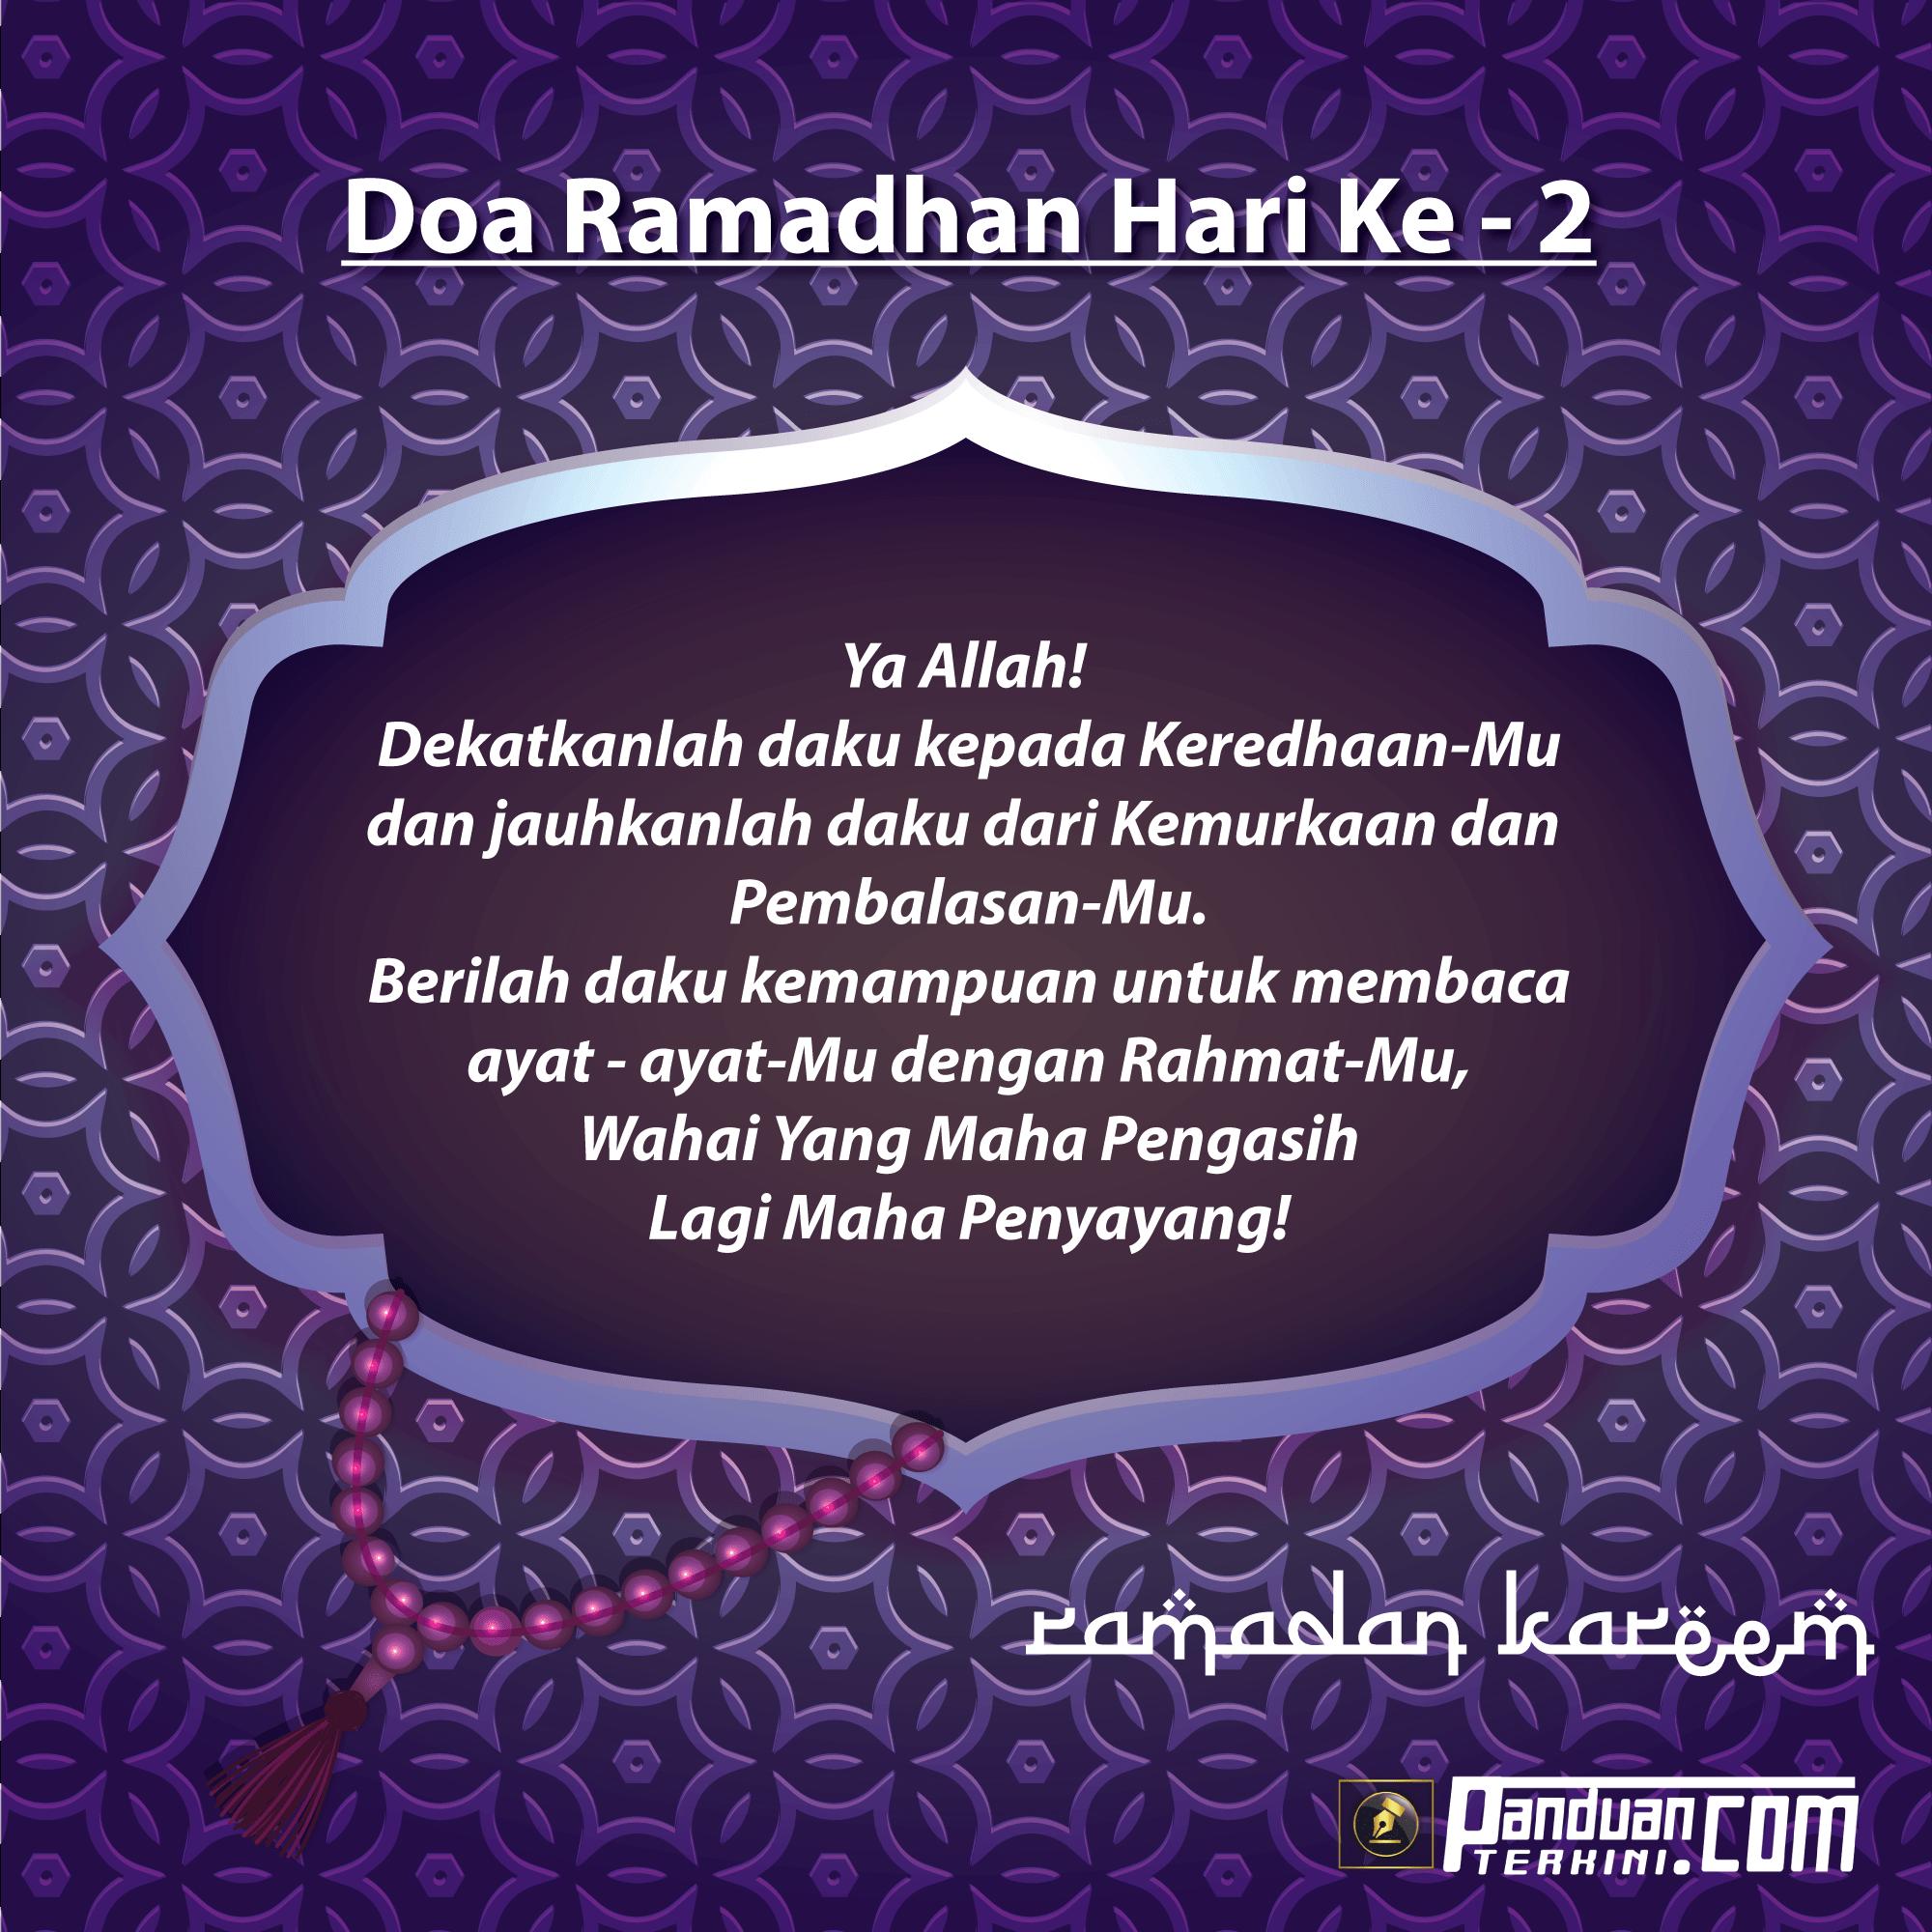 Doa Ramadhan Hari Ke-2